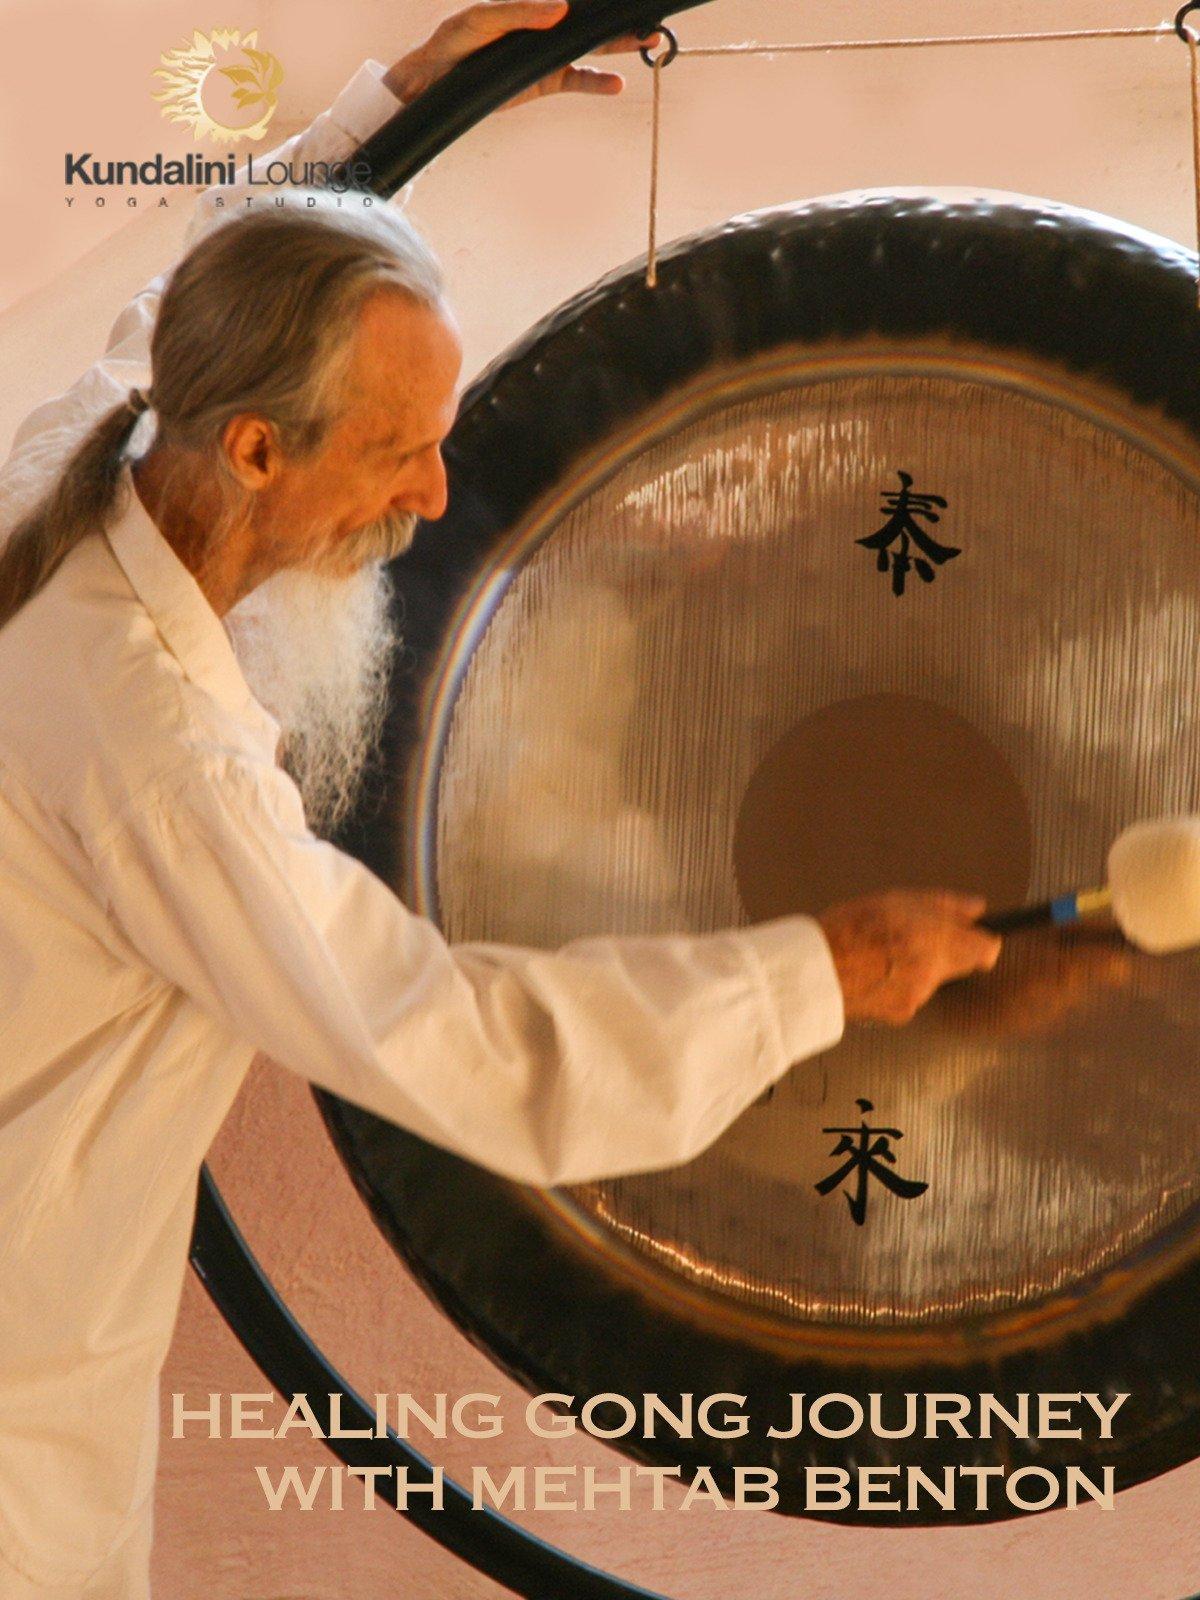 Amazon.com: Healing Gong Journey with Mehtab Benton: Mehtab ...